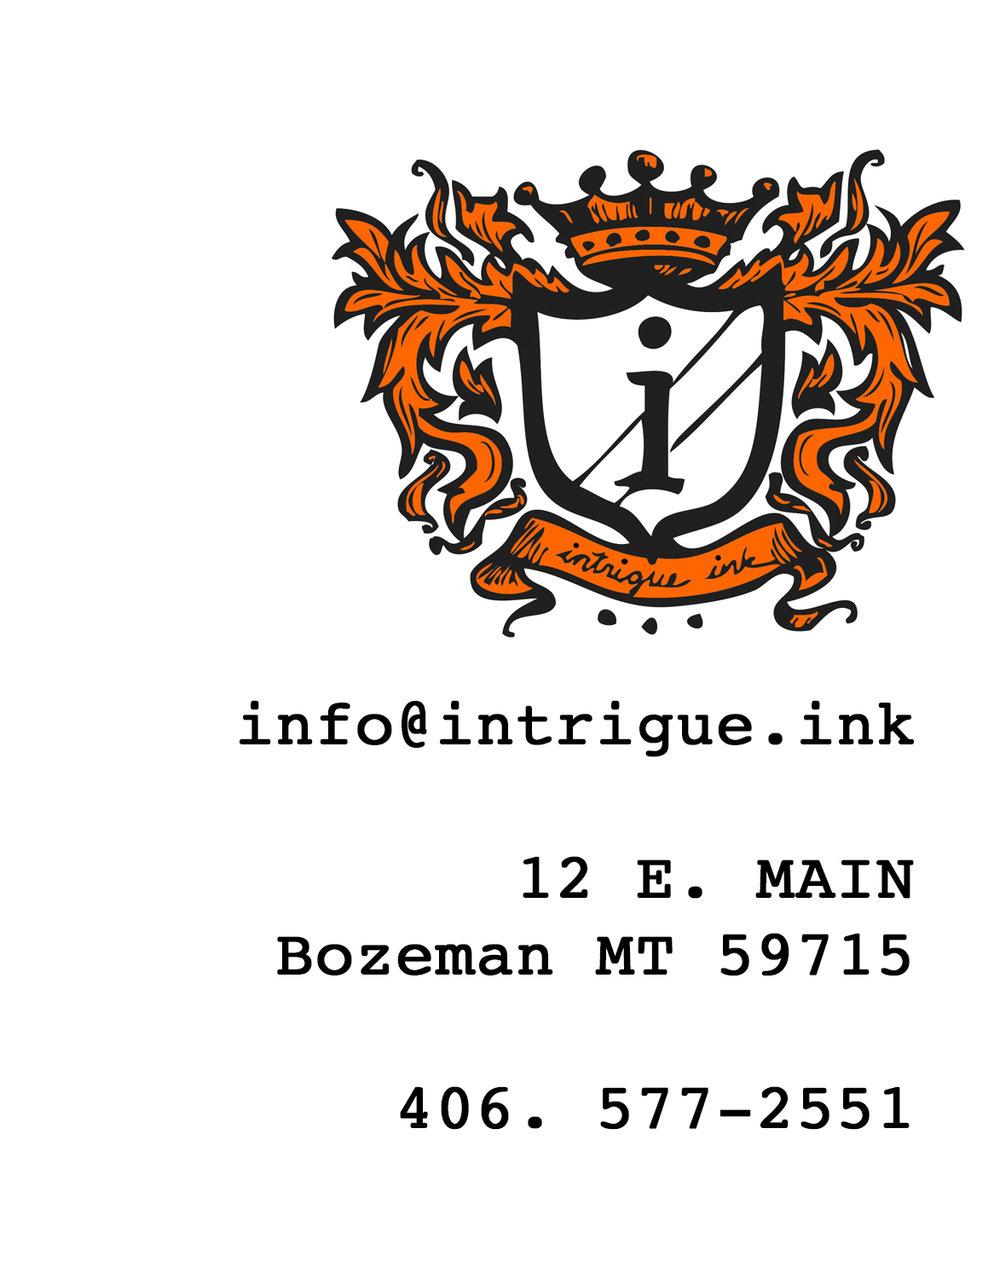 iii_logos copy.jpg